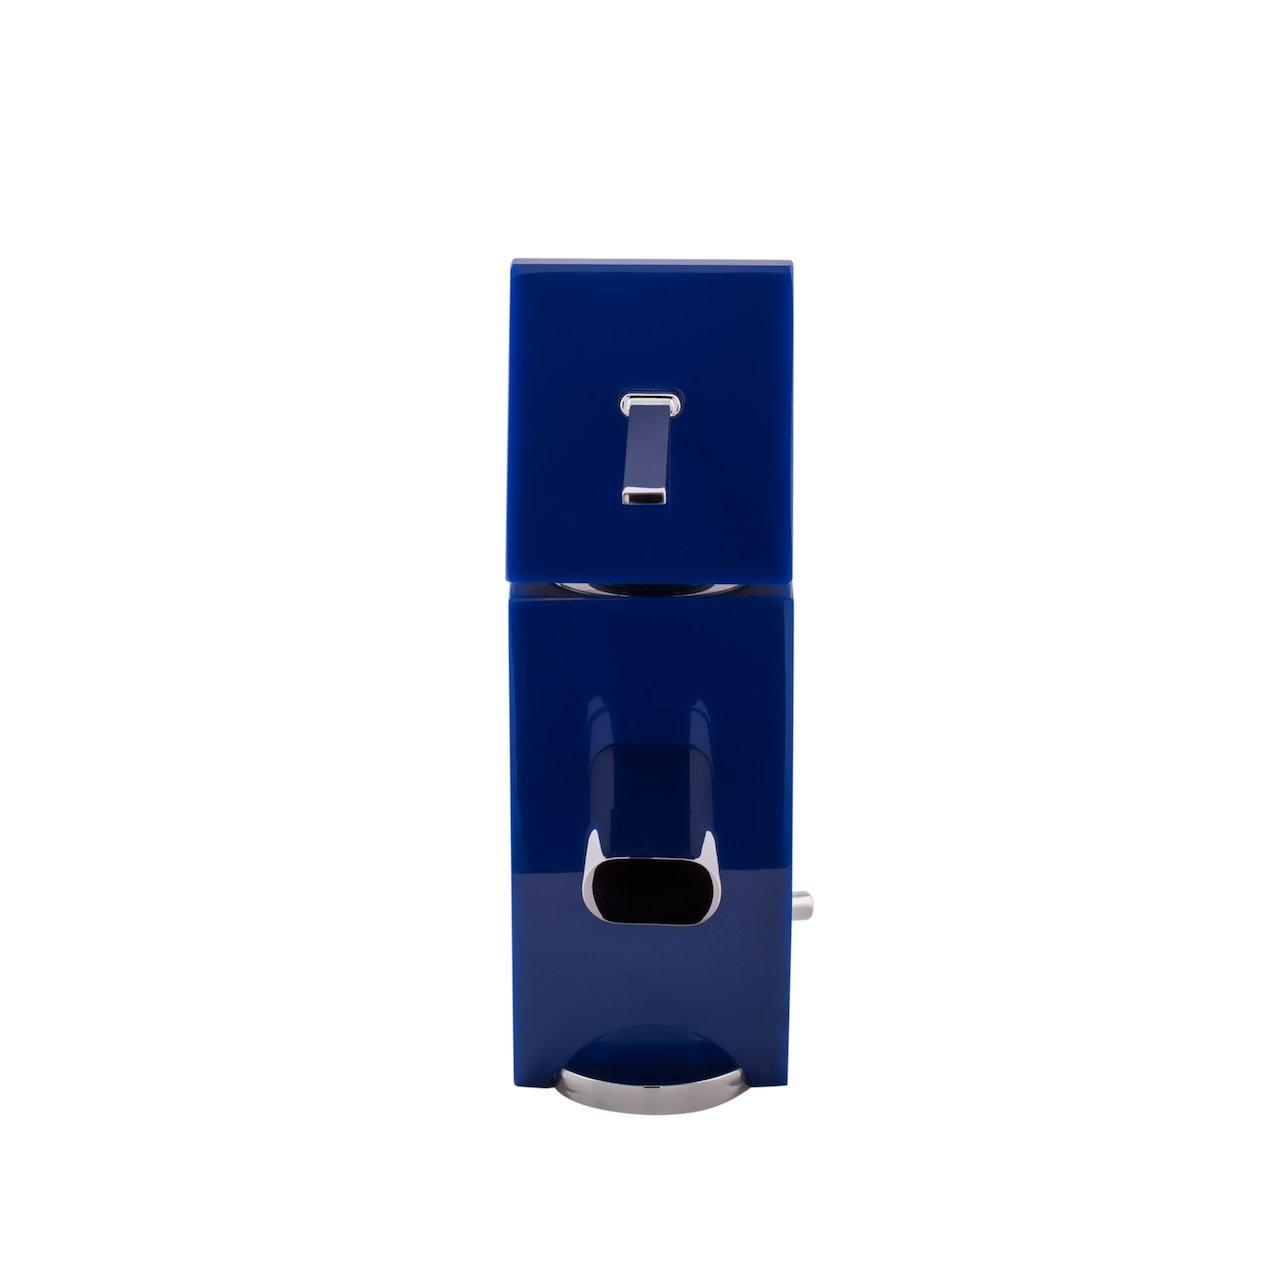 Washbasin Mixer EDM Blue - 360 - 0